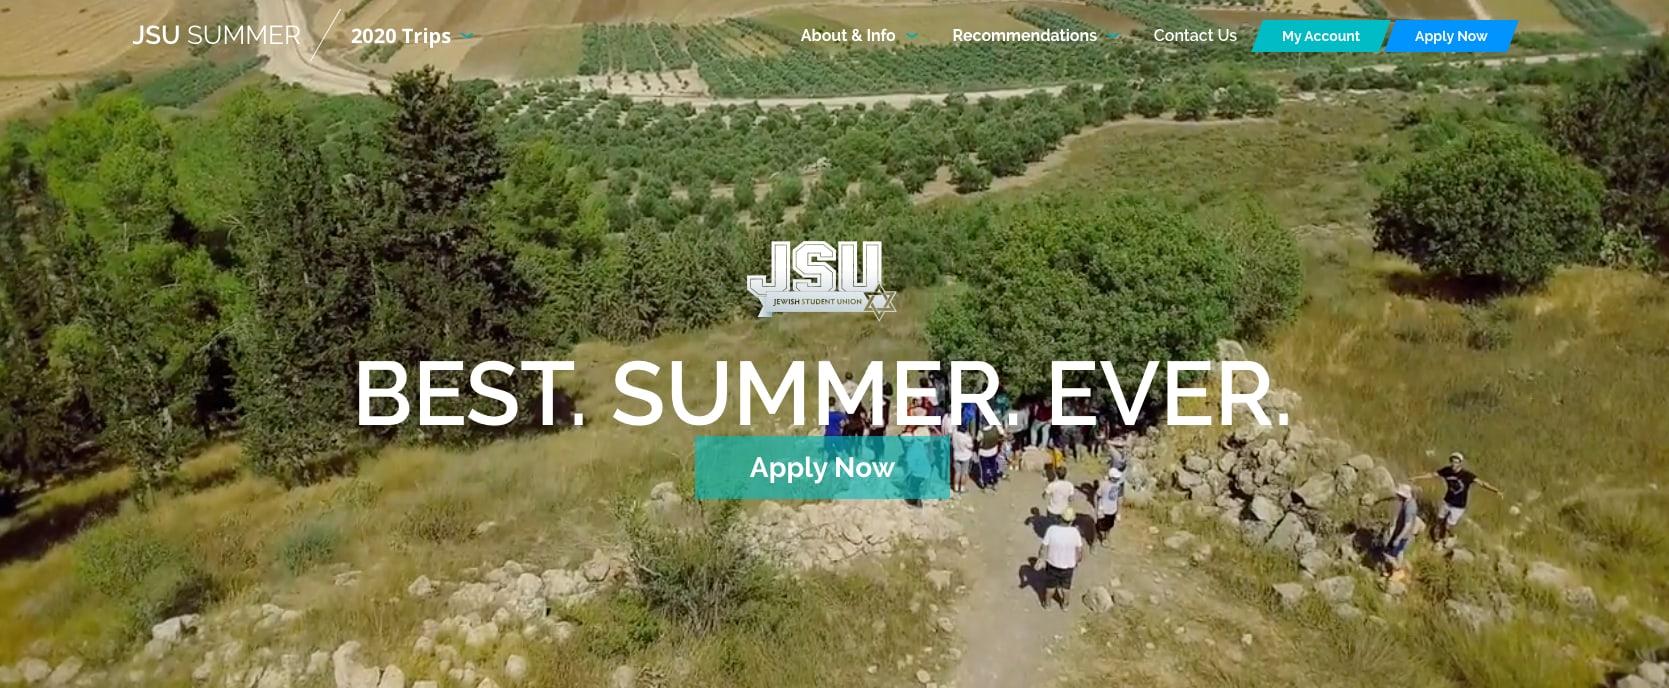 Images of summer jsu